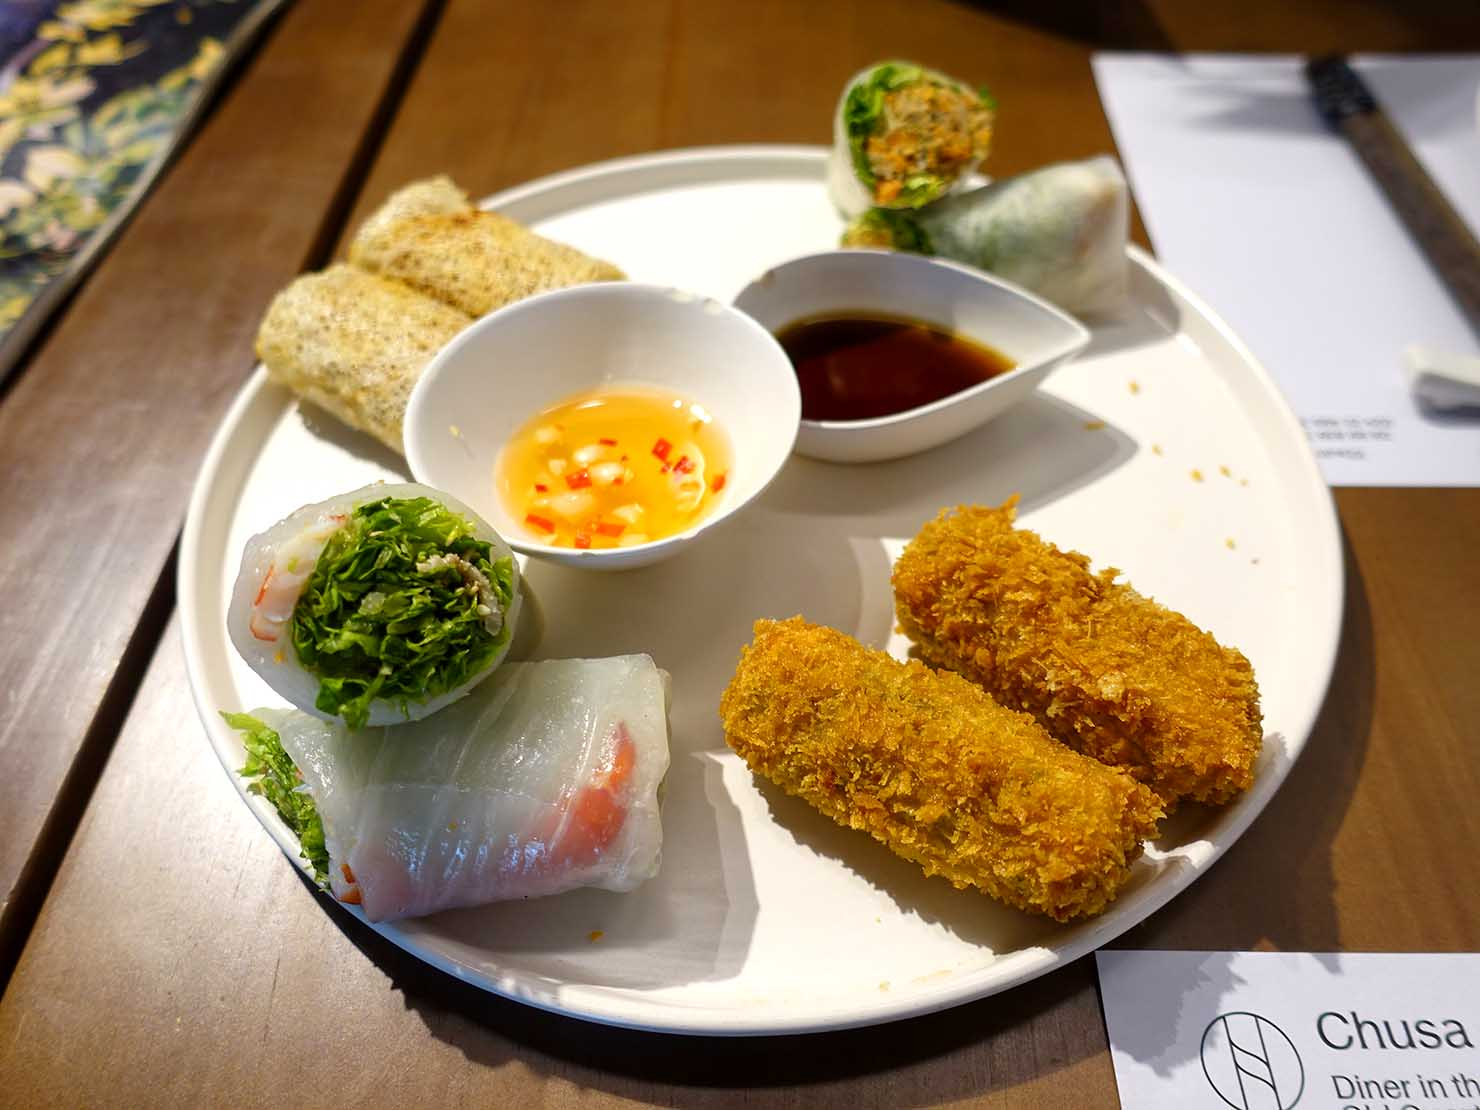 ベトナム・ハノイ旧市街の美味しいレストラン「Chusa」の春巻きプレート